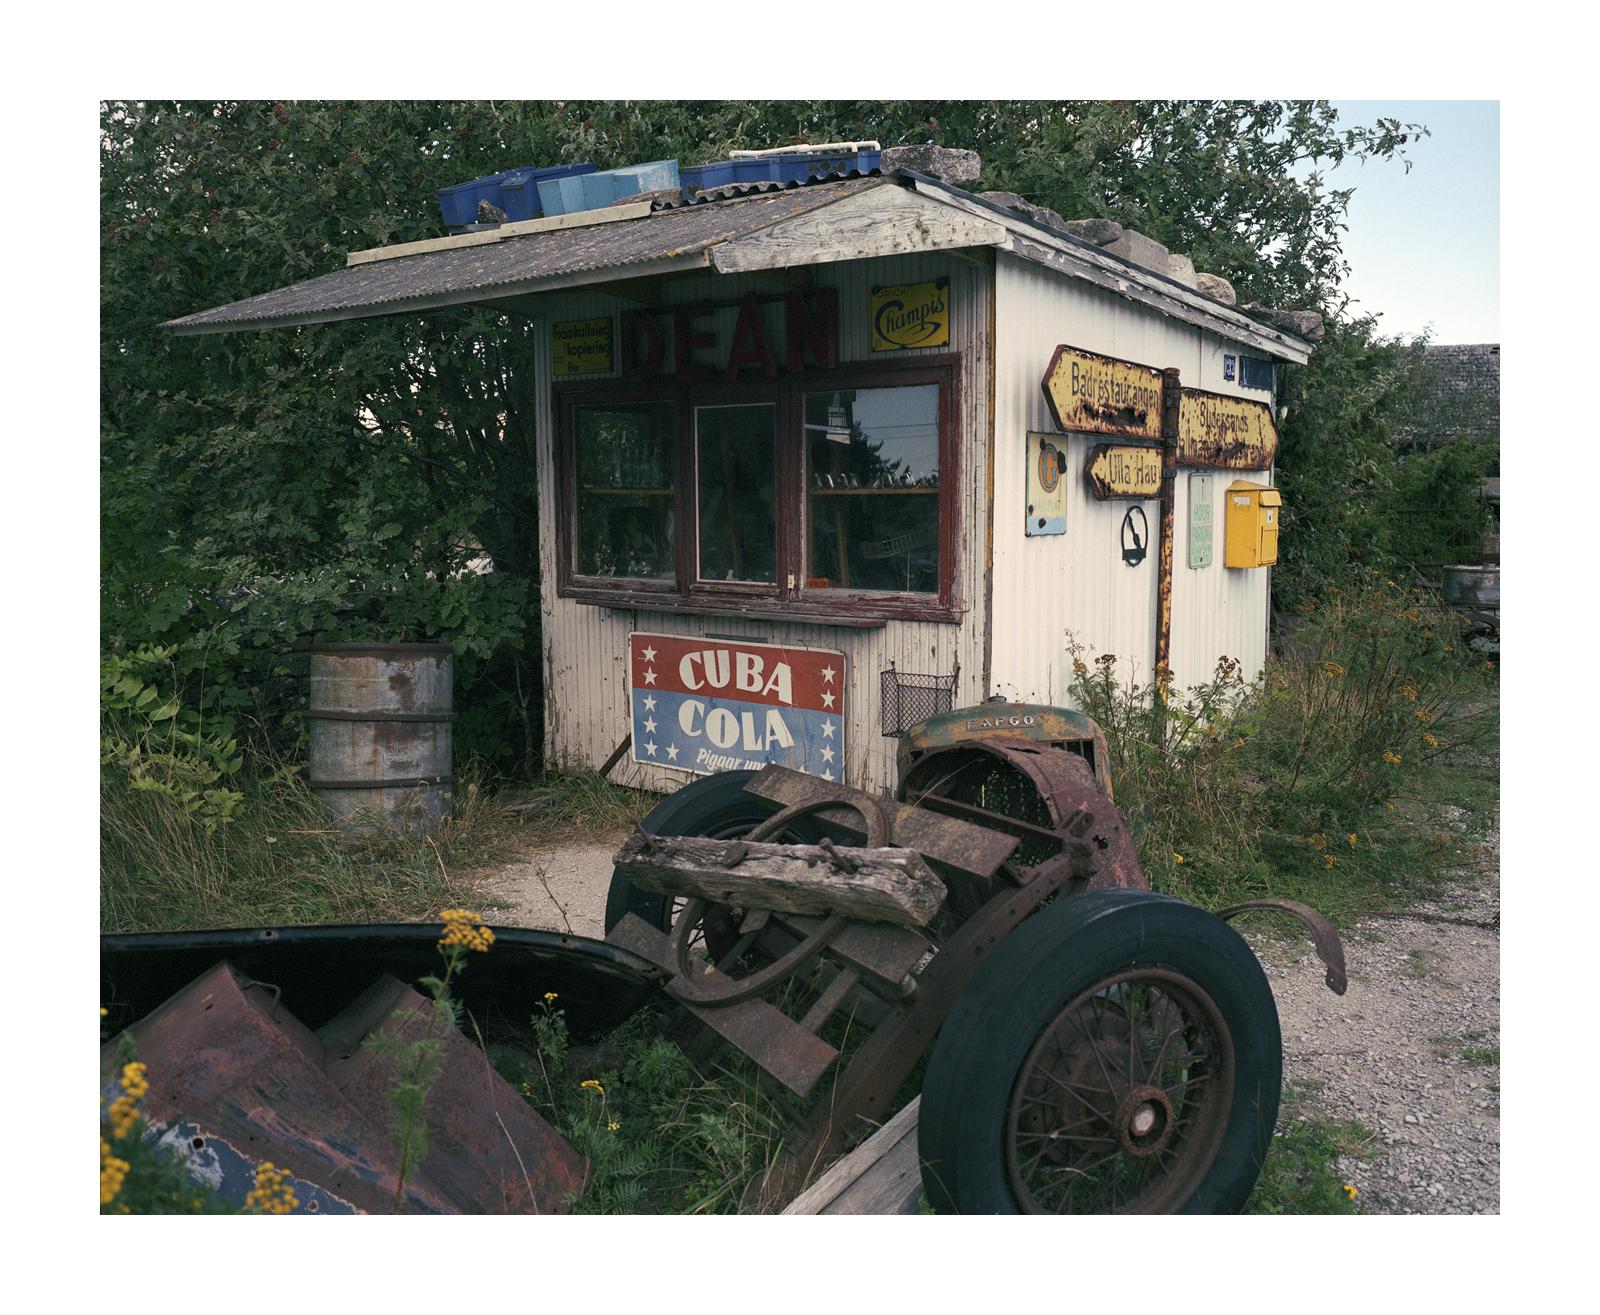 Hintergrundbilder : Auto, Fahrzeug, Haus, Schweden, zerfallen, Hütte ...